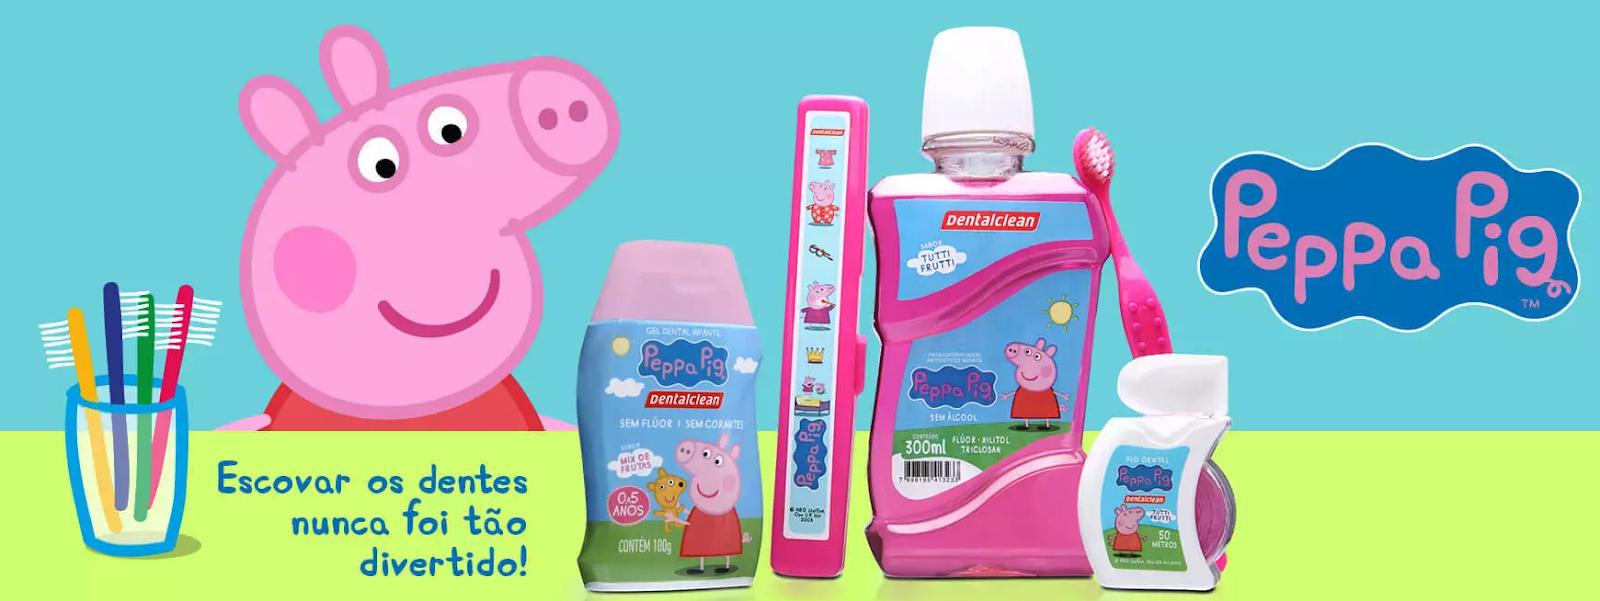 Escova de dente infantil peppa pig